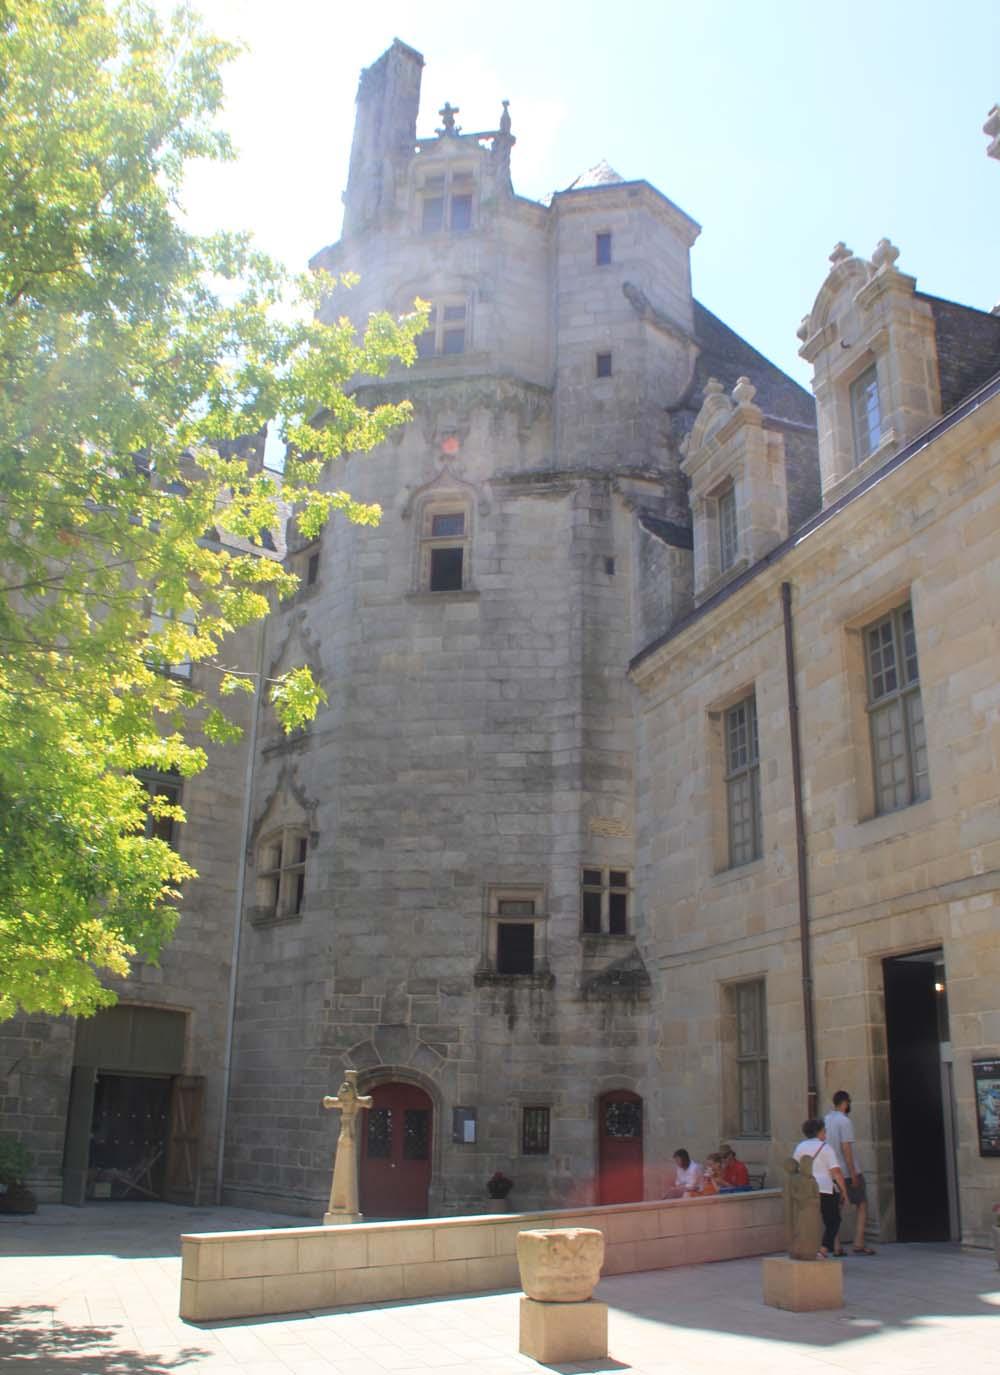 Музей Бретани. Внутренний двор